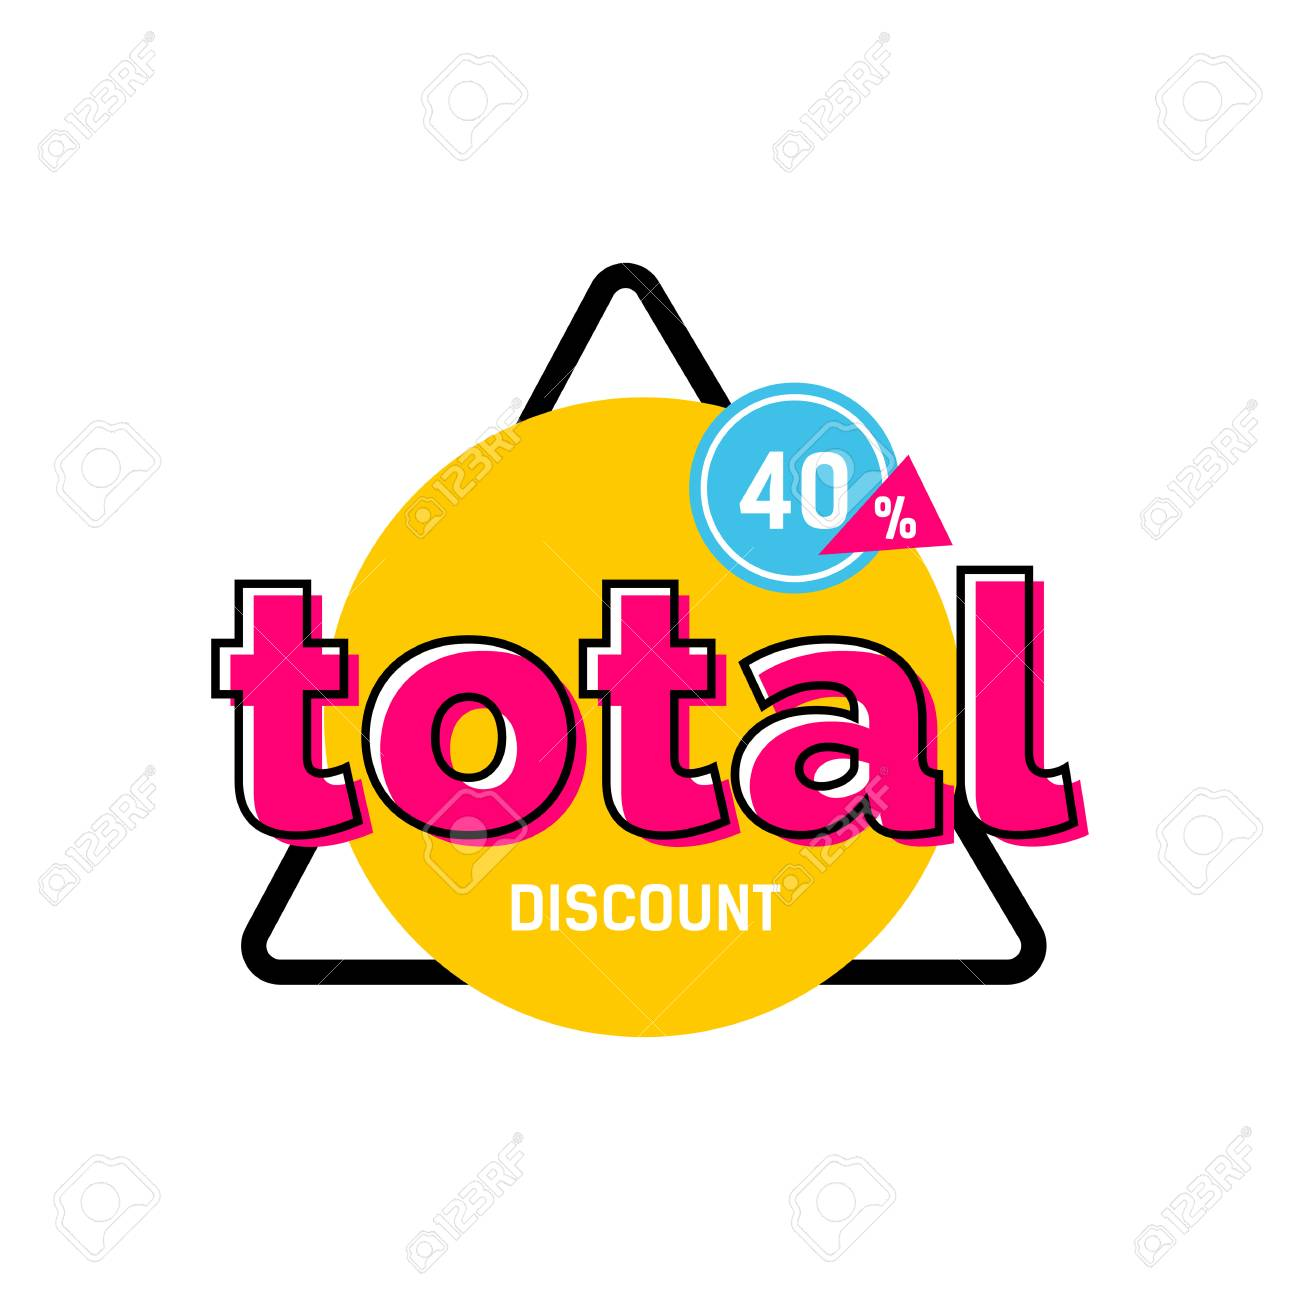 Descuento Total, Cuarenta Por Ciento Letras En Círculo Amarillo En ...